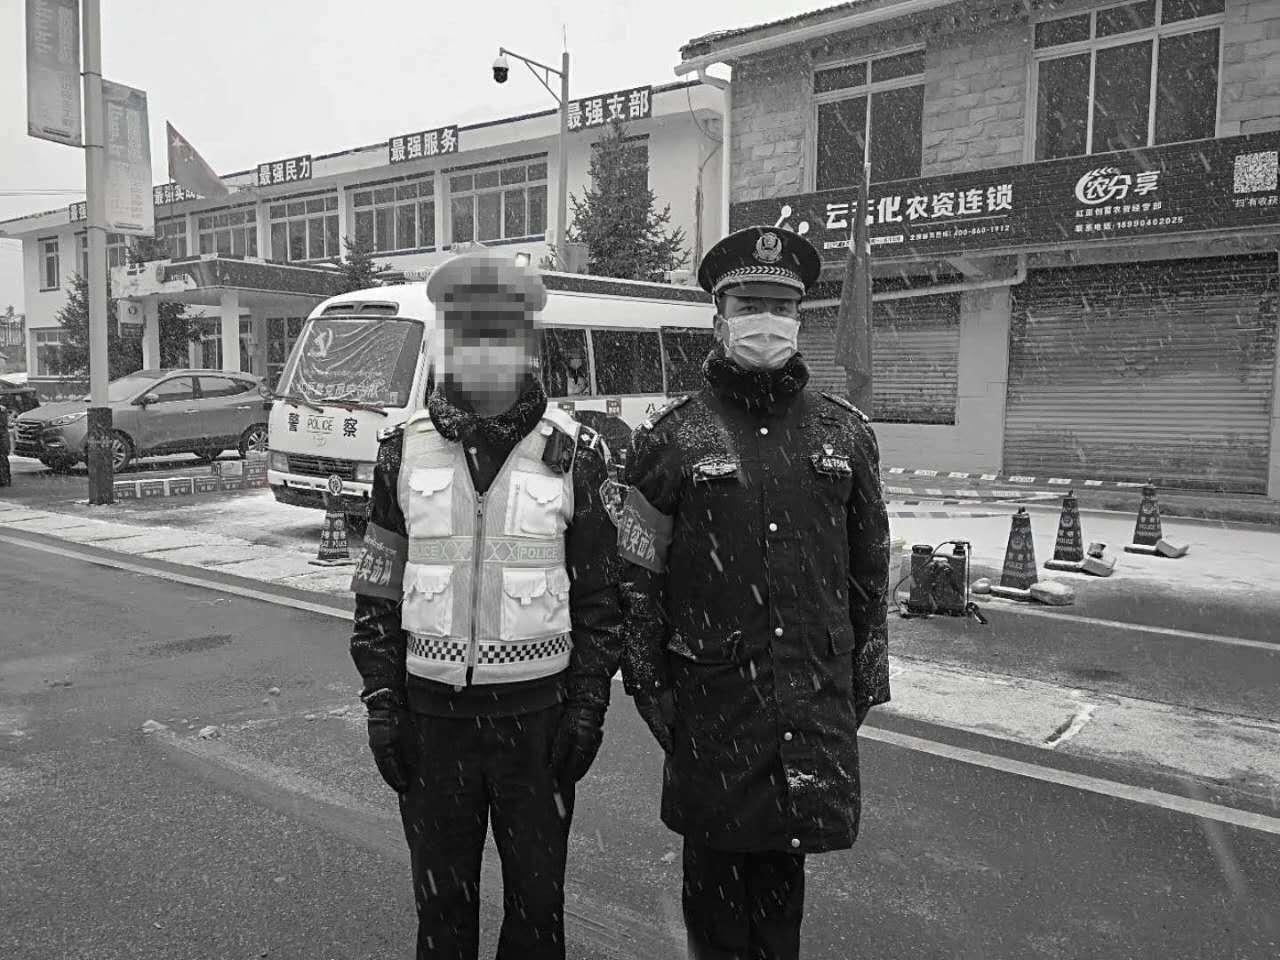 连续工作24小时  30岁民警牺牲在抗疫一线